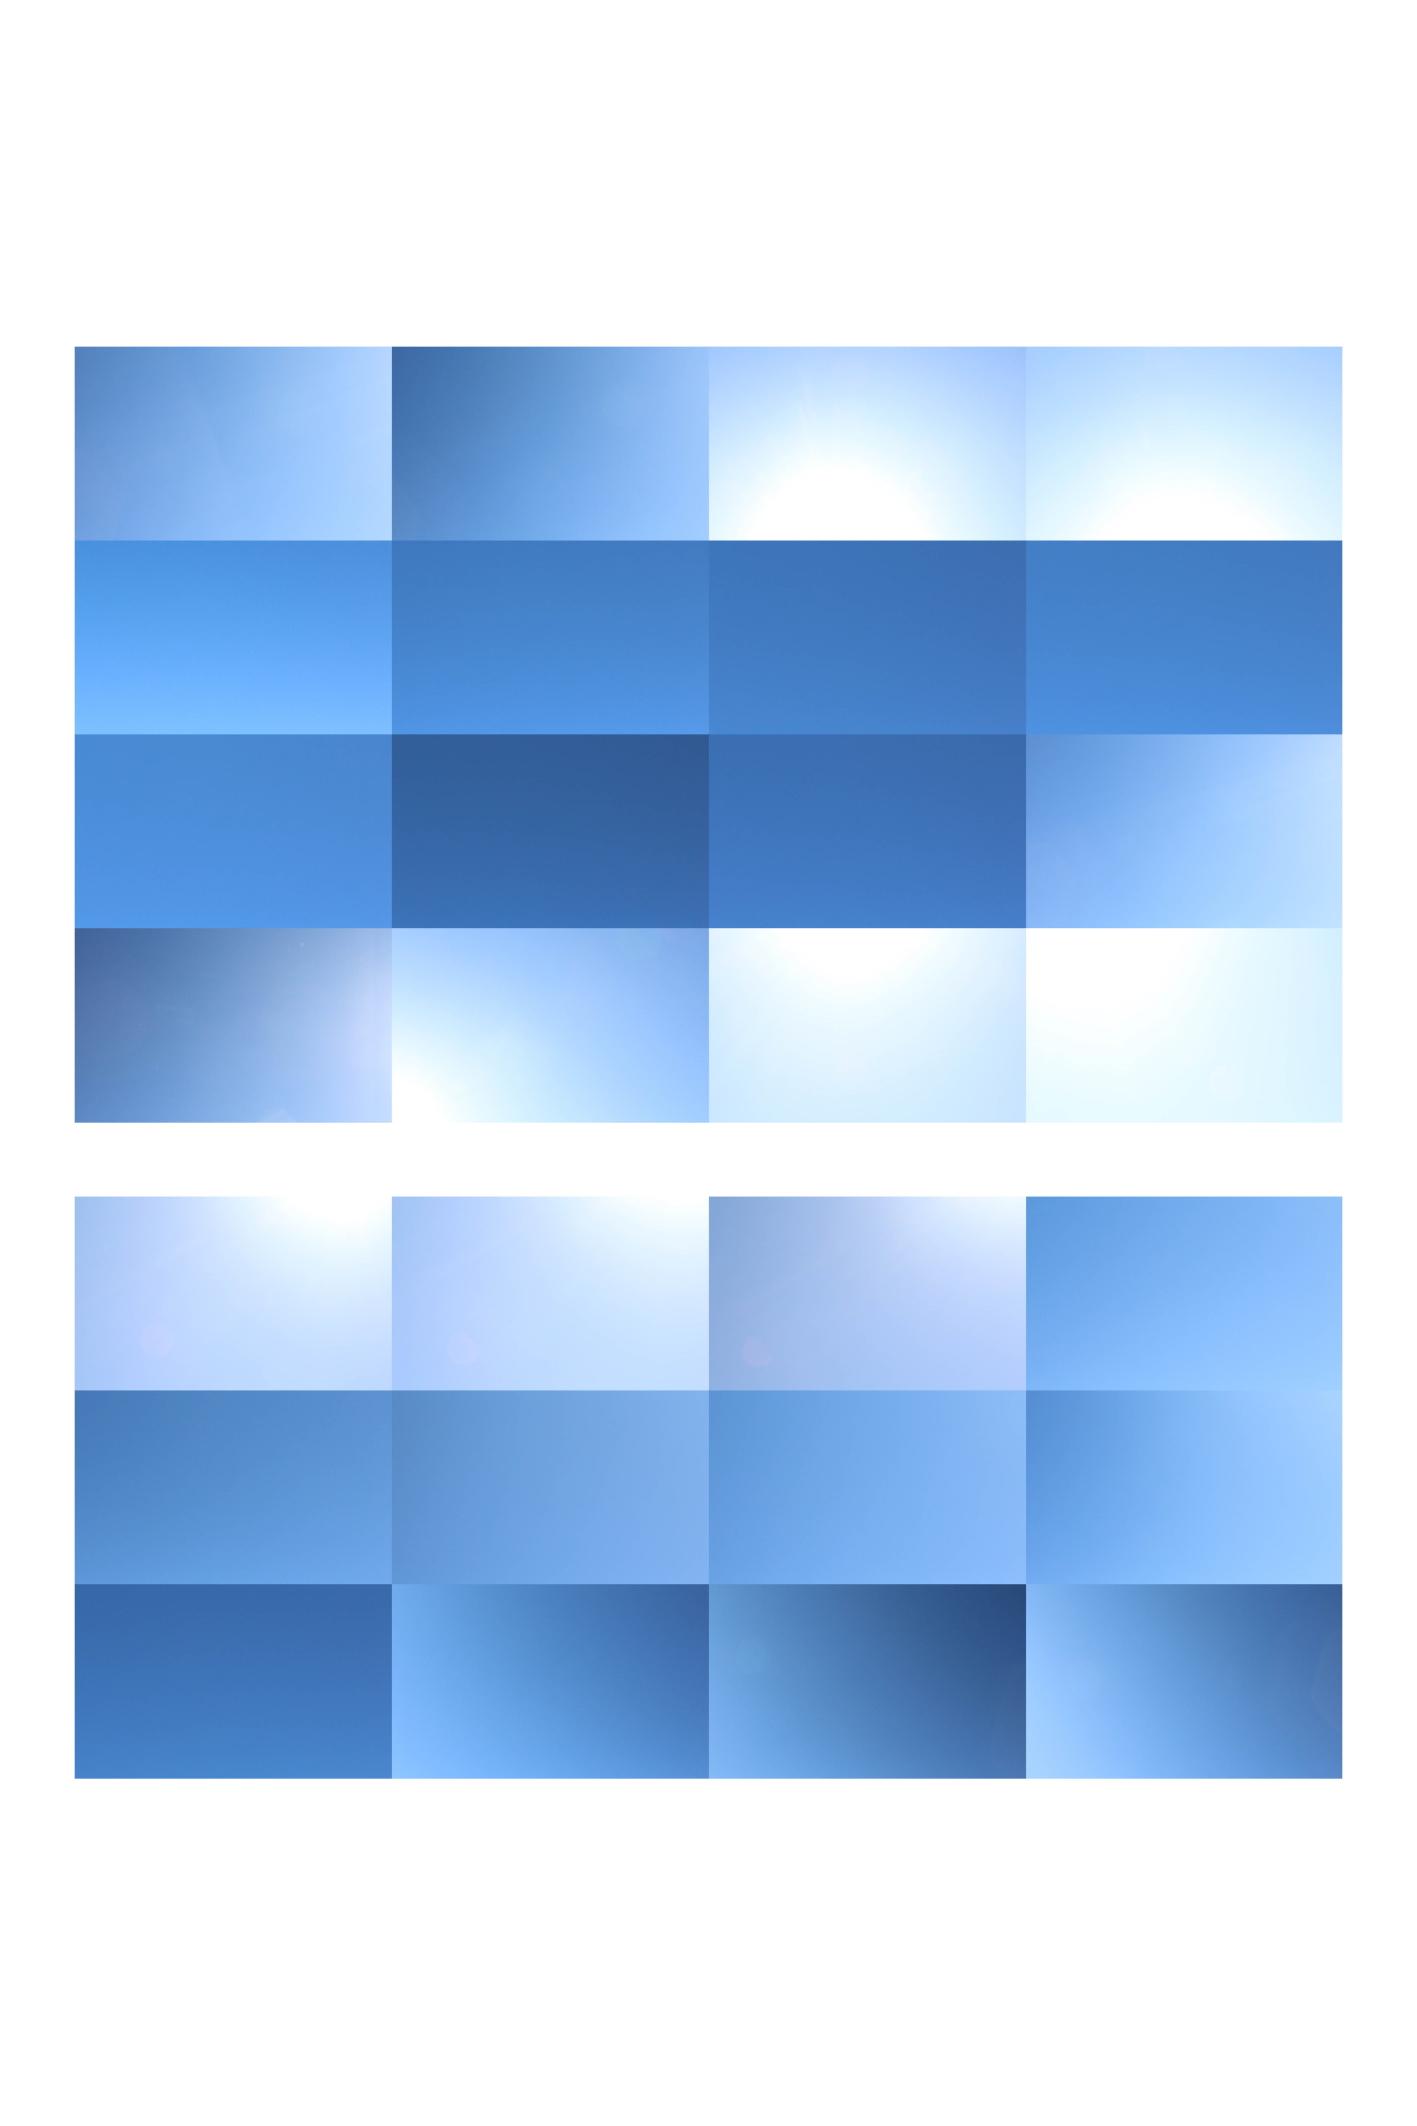 Markus Feiler - SKY BLUE 8_Künstler_artist_Kunst_art